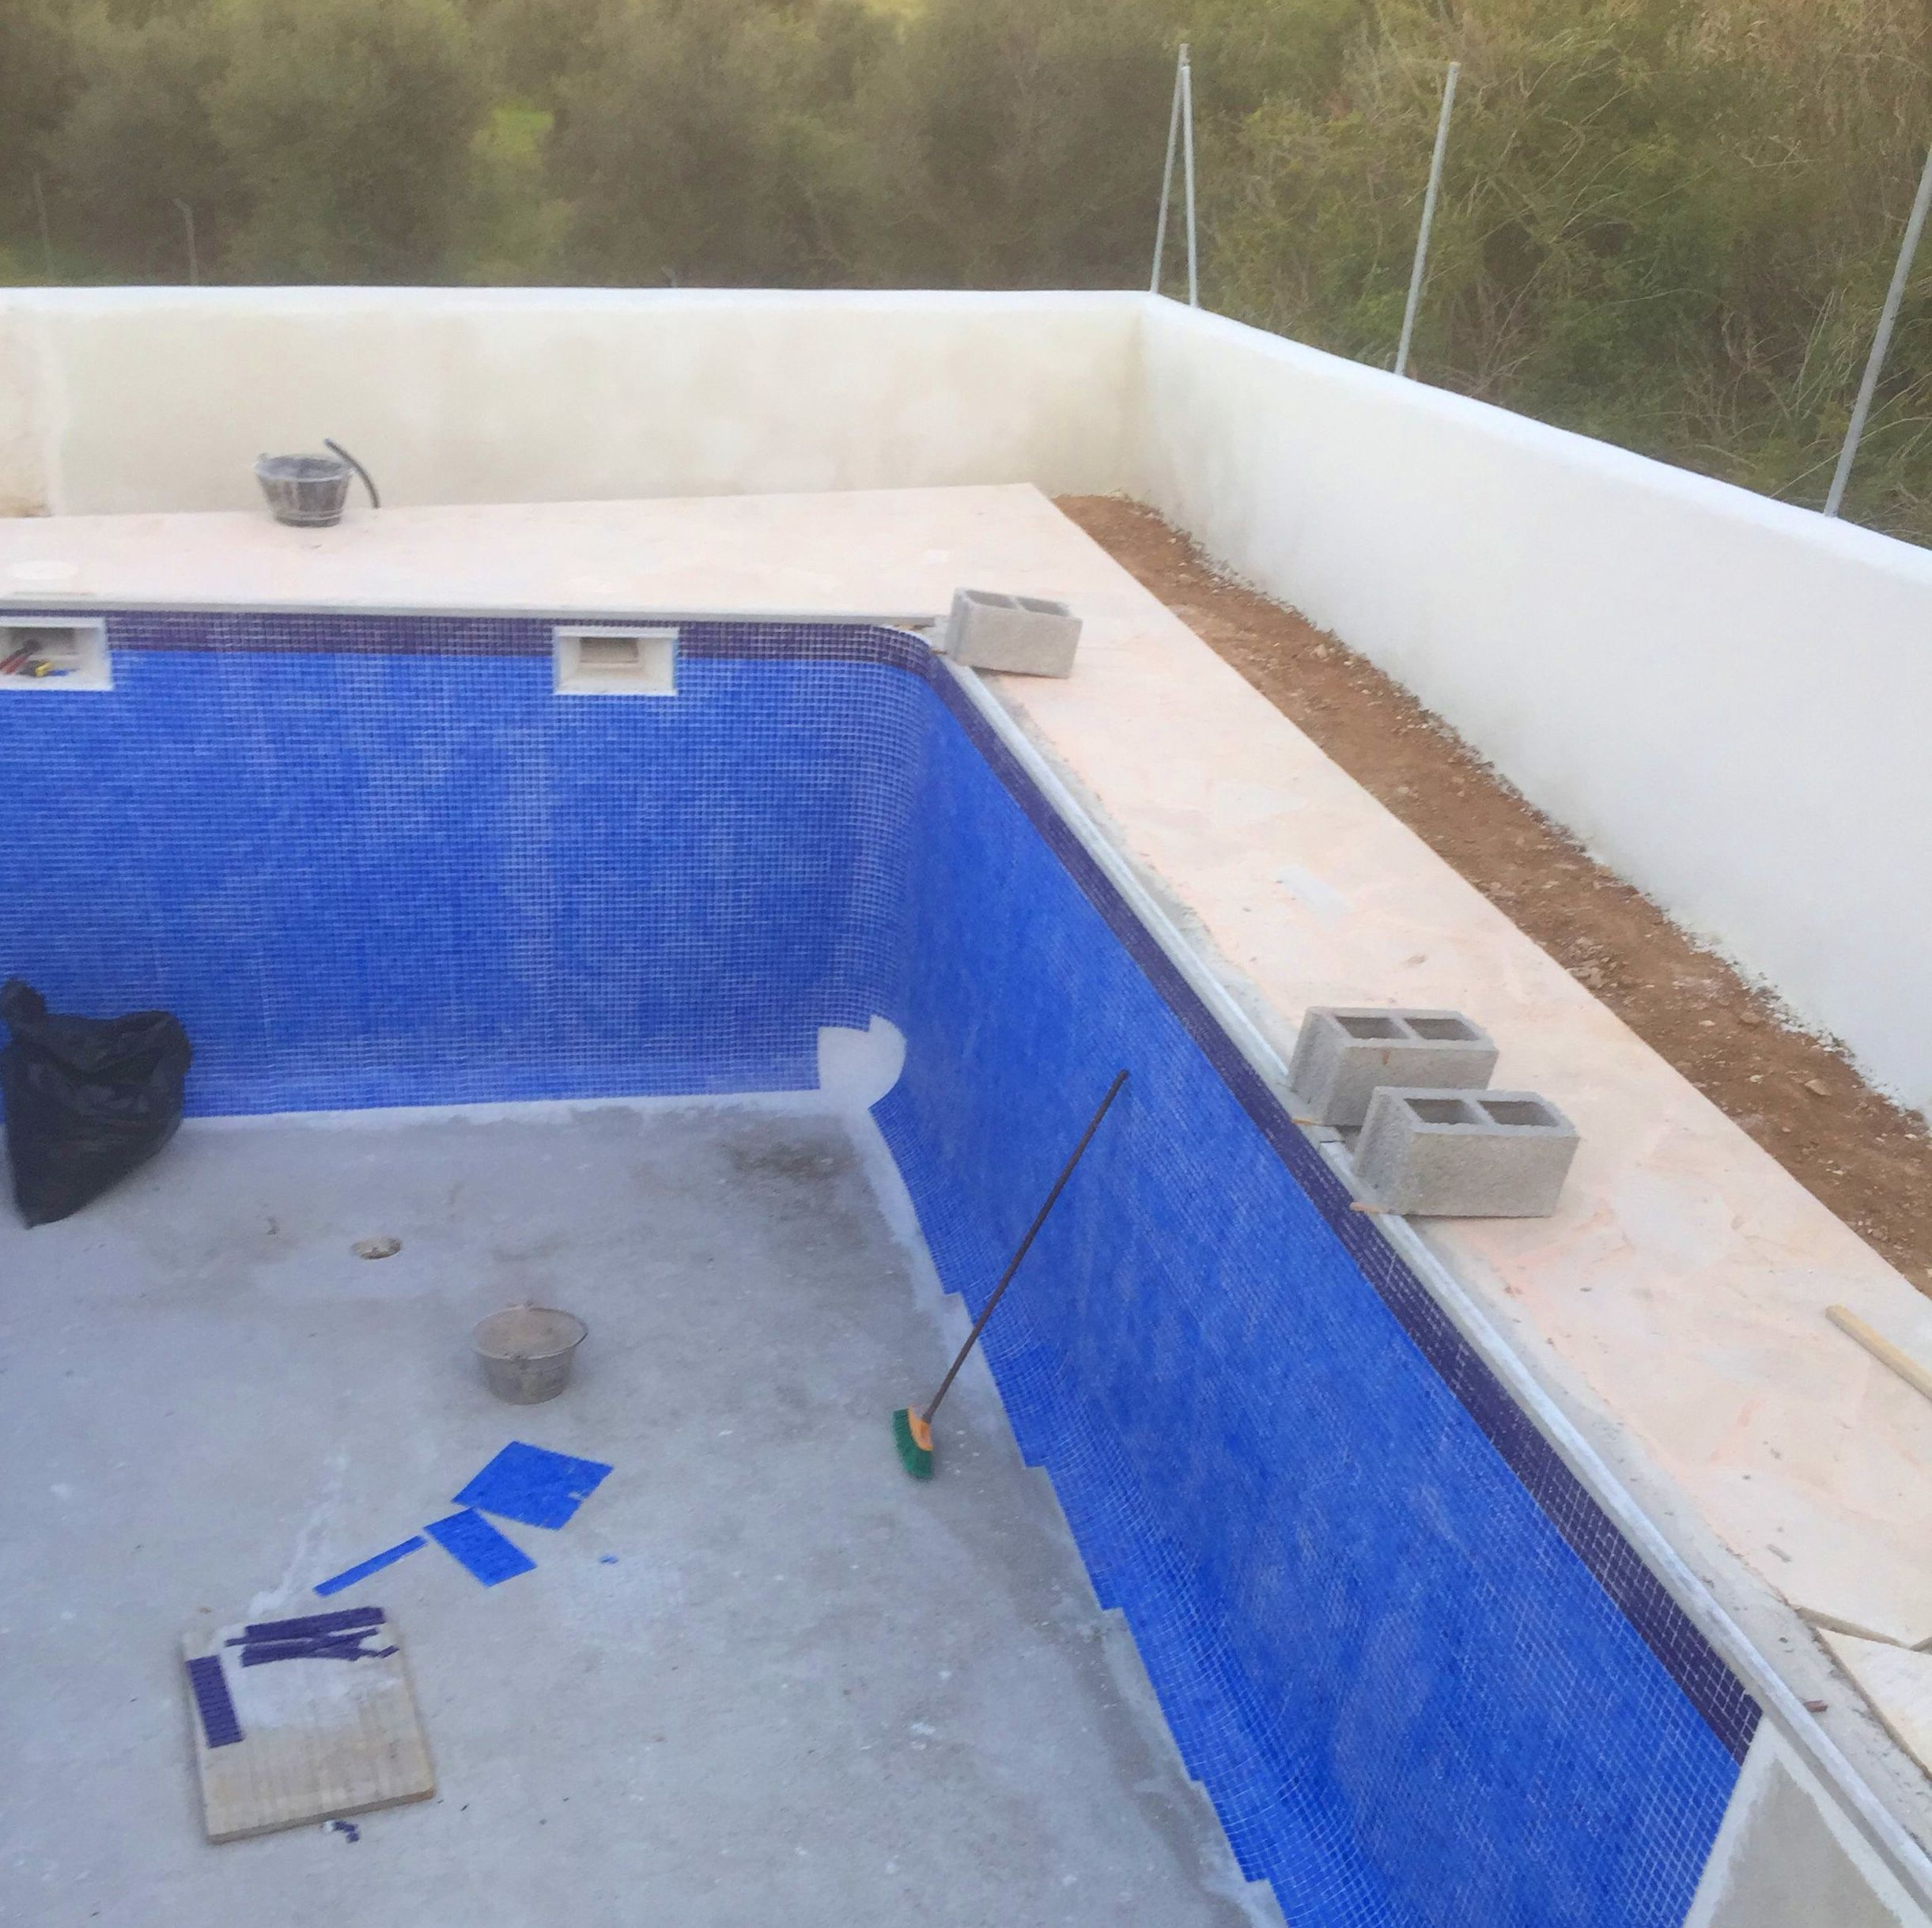 construcci n de piscinas en alicante mibori construcciones